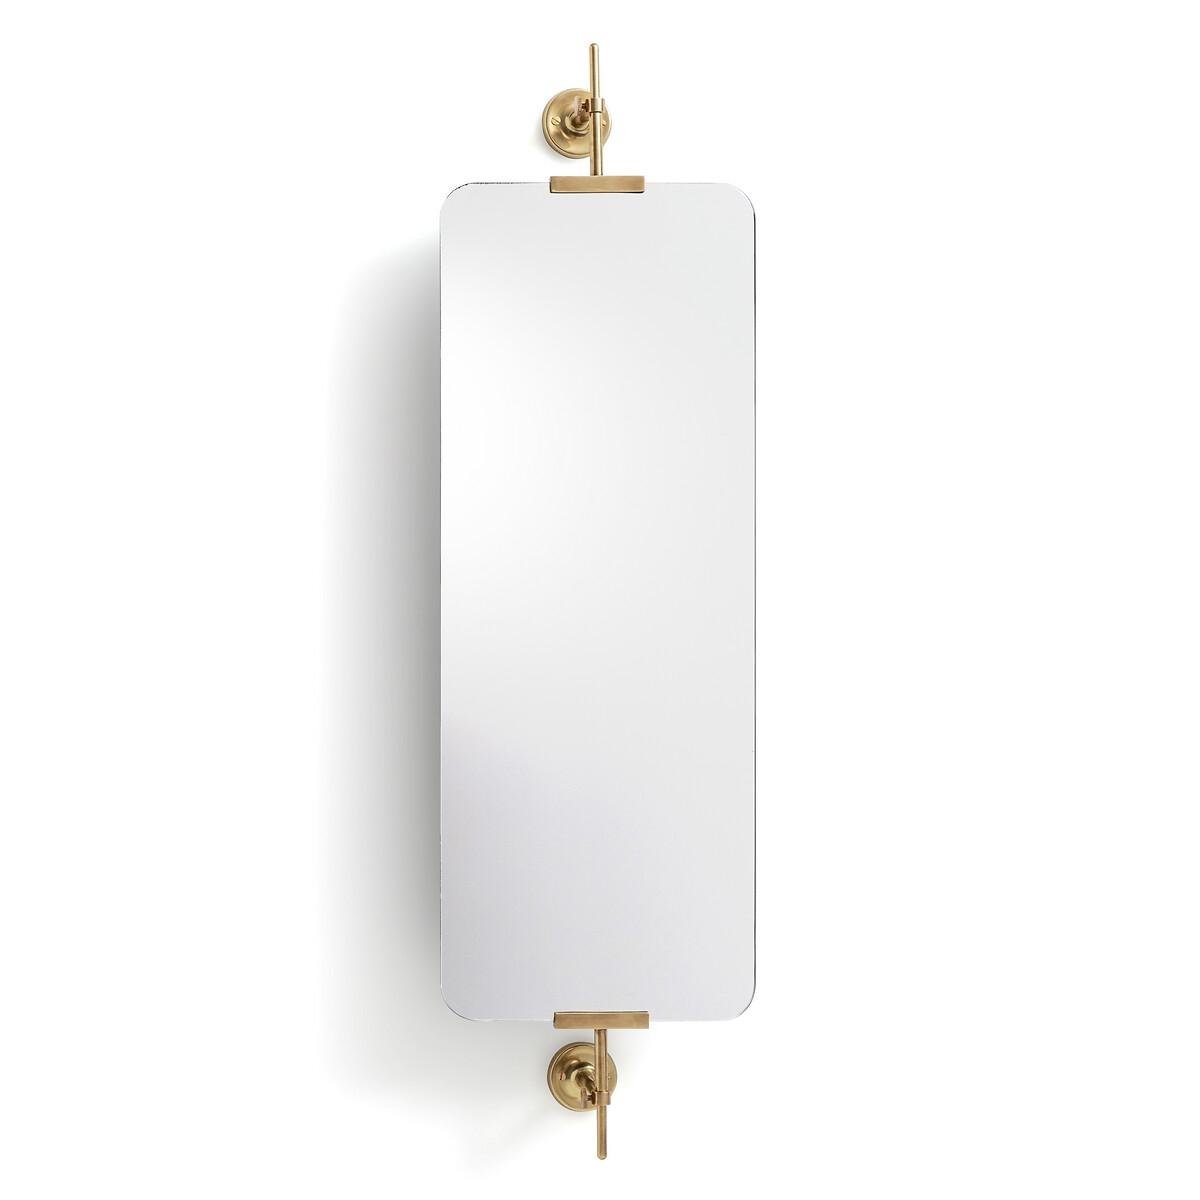 Зеркало La Redoute Прямоугольное с поворотом В1065 см Cassandre единый размер желтый зеркало la redoute прямоугольное большой размер д x в см barbier единый размер другие